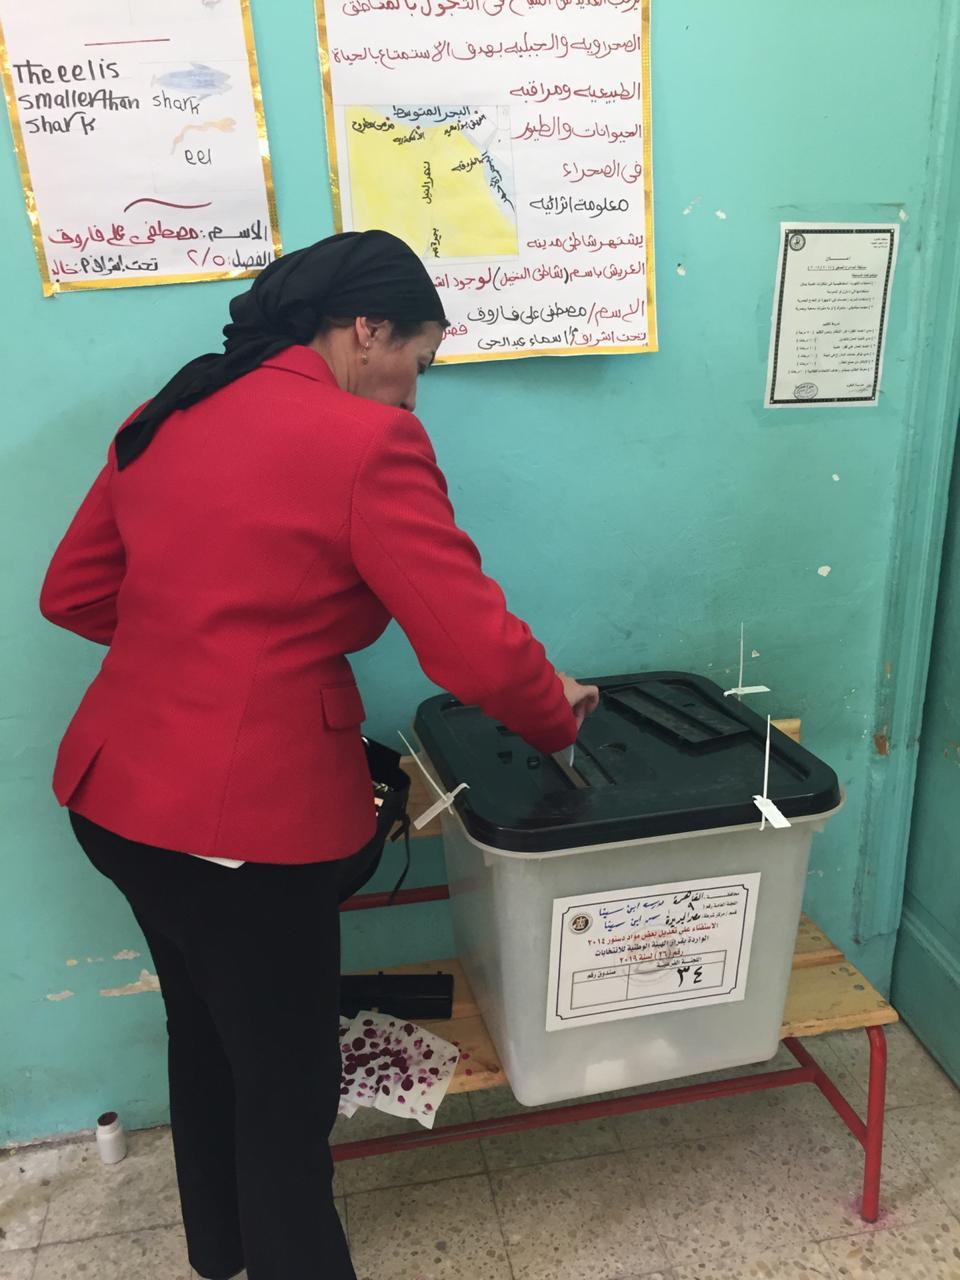 الدكتورة ياسمين فؤاد وزيرة البيئة تدلى بصوتها في الاستفتاء (2)